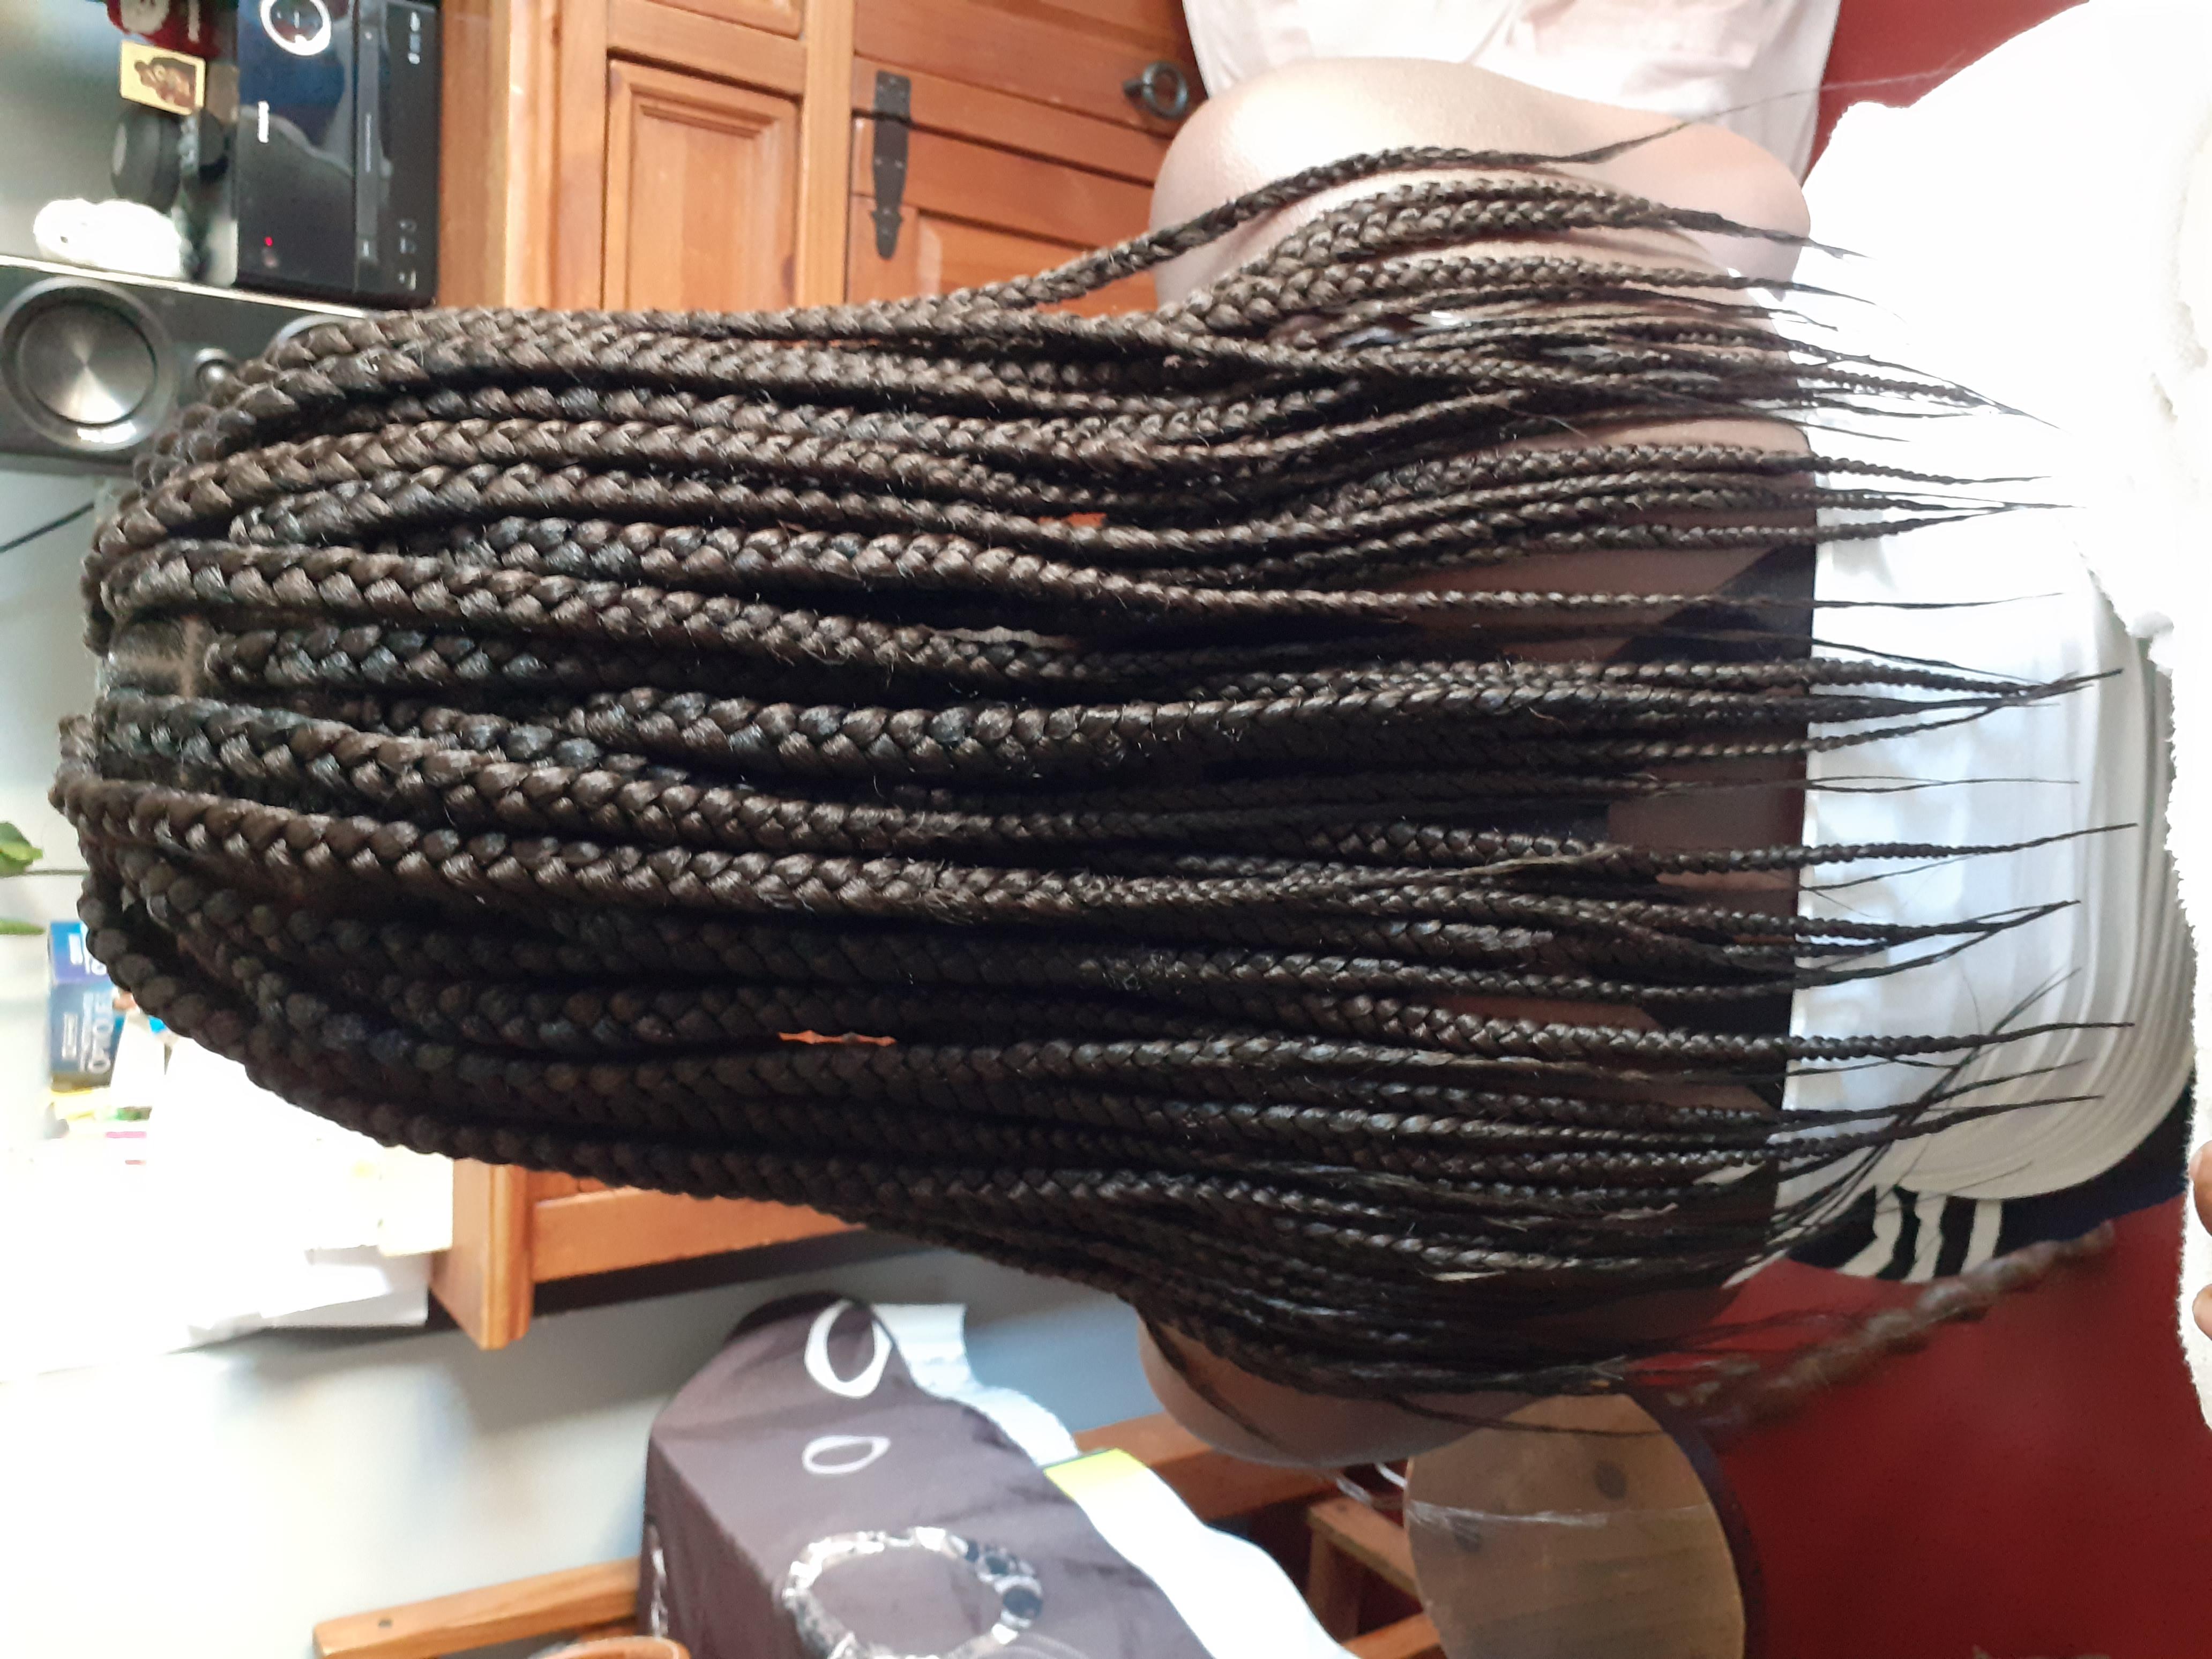 salon de coiffure afro tresse tresses box braids crochet braids vanilles tissages paris 75 77 78 91 92 93 94 95 ZUYZMXJK